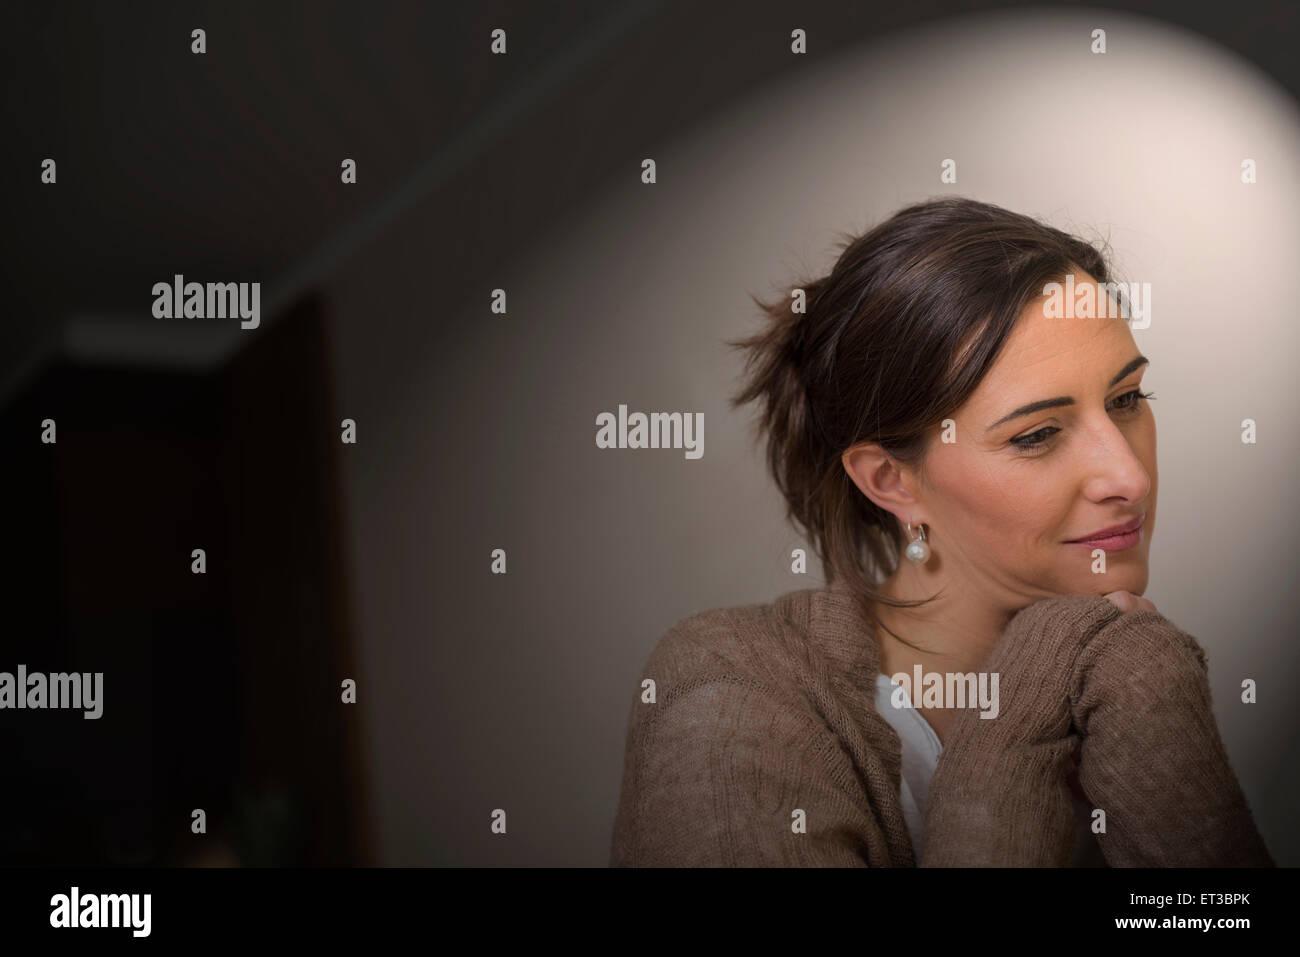 Cerca de una mitad mujer adulta pensando con inclinarse sobre los codos, Munich, Baviera, Alemania Imagen De Stock